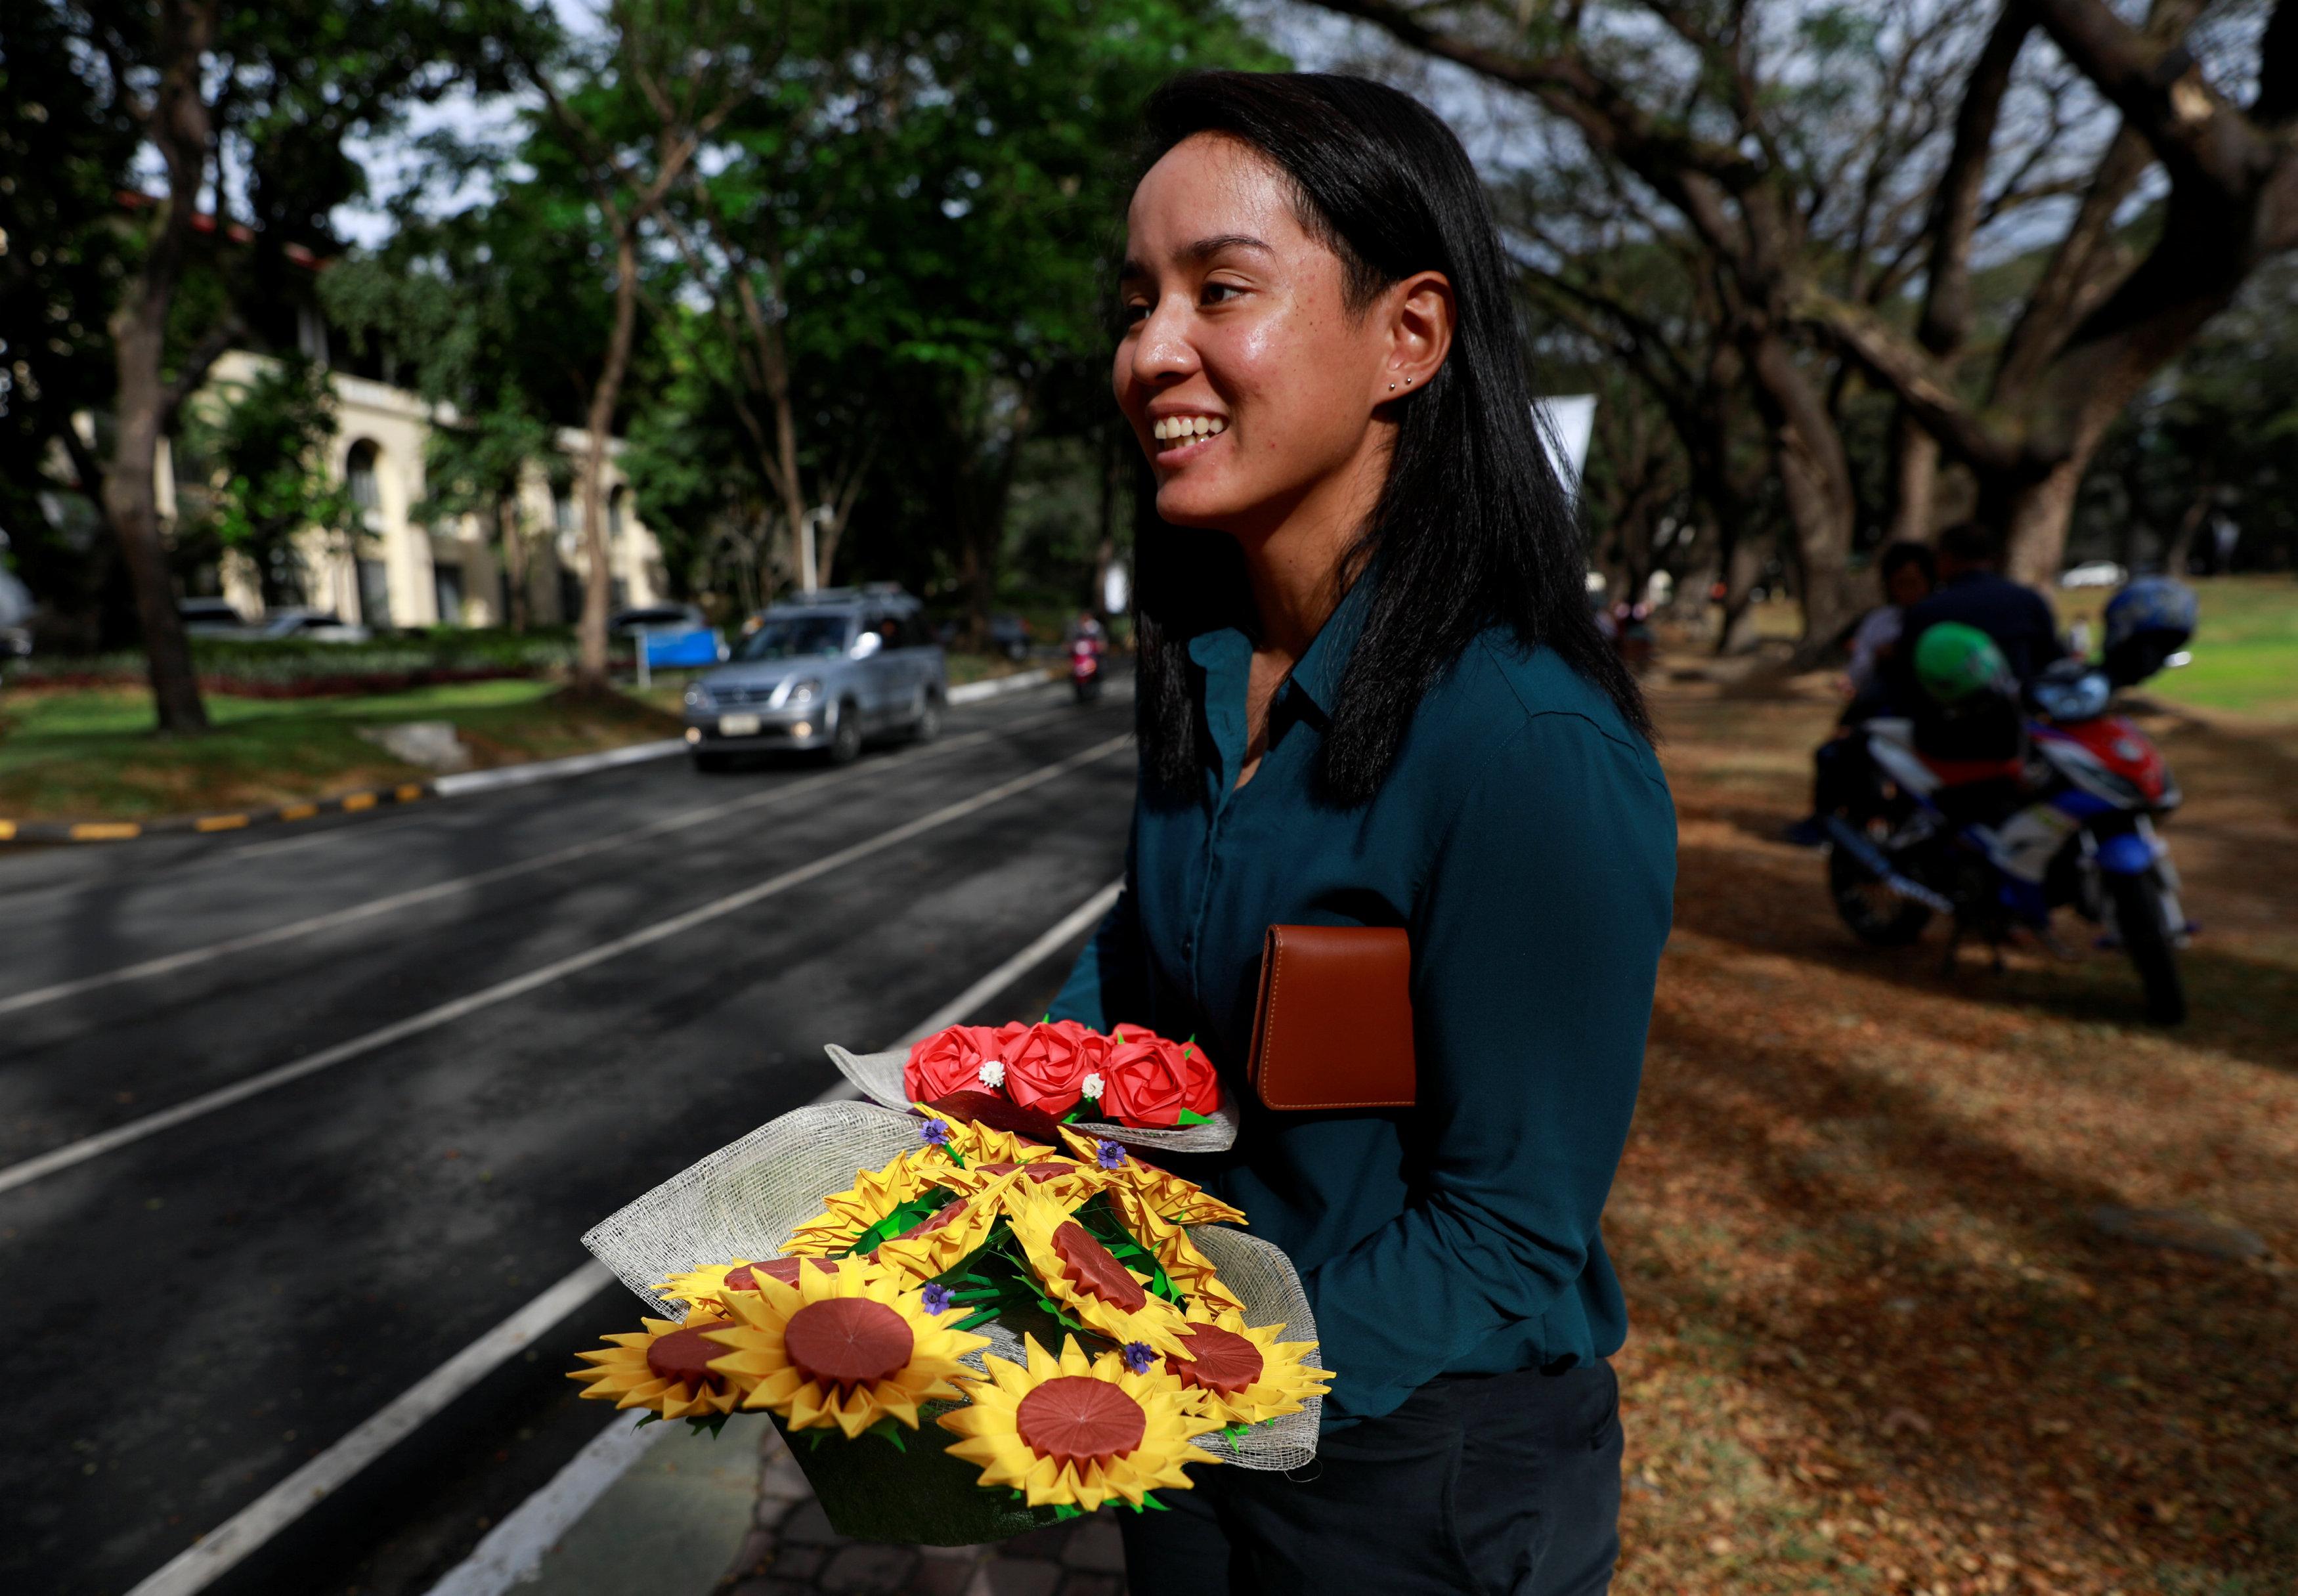 فلبينيون يعبرون عن حبهم الأبدى بباقات زهور ورقية (1)